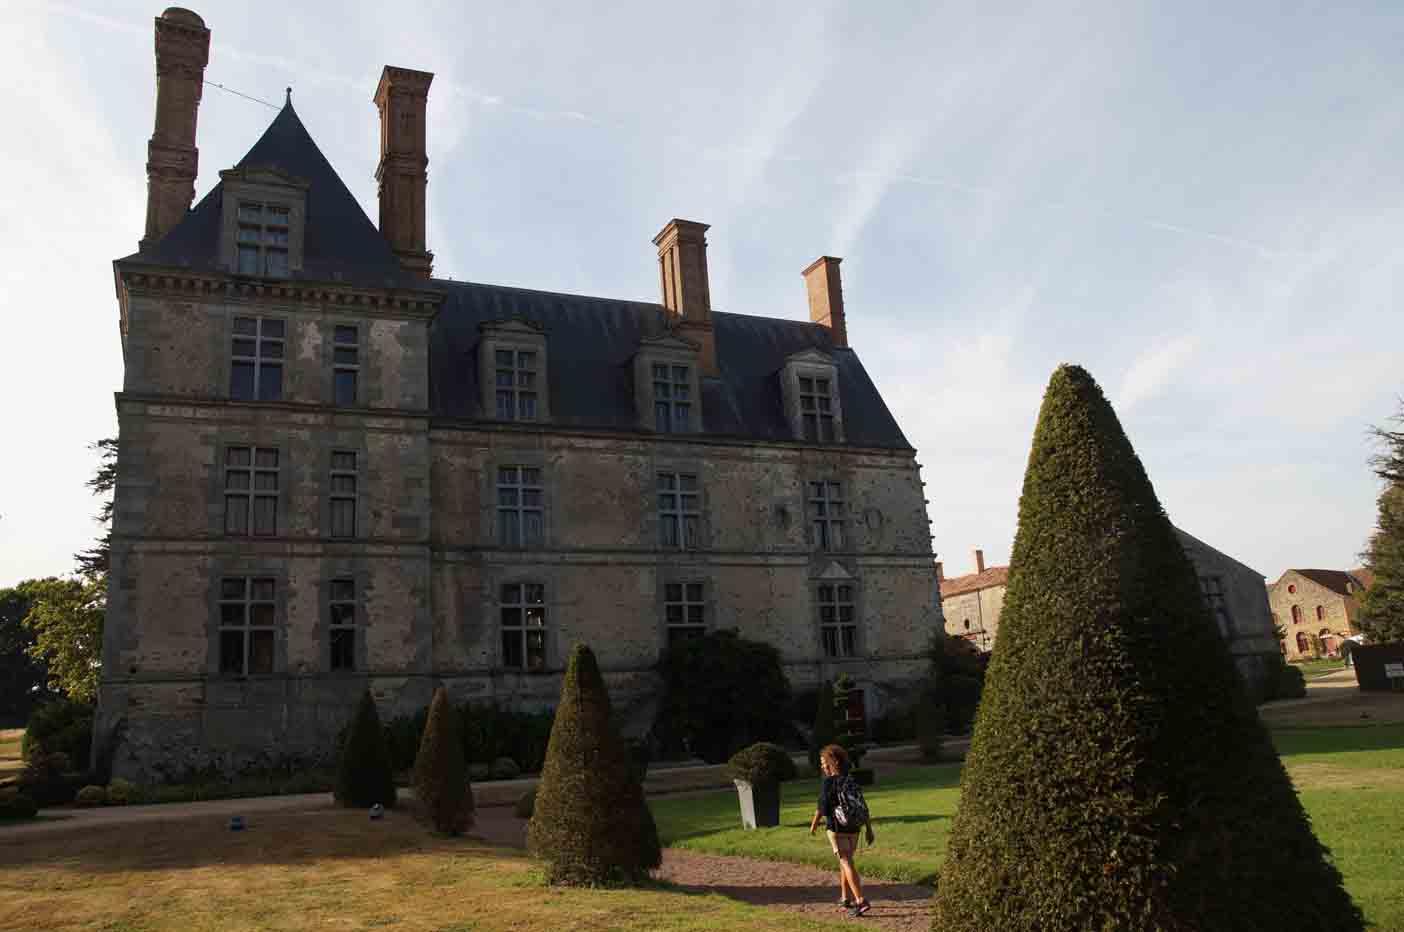 kasteel van de avonturiers